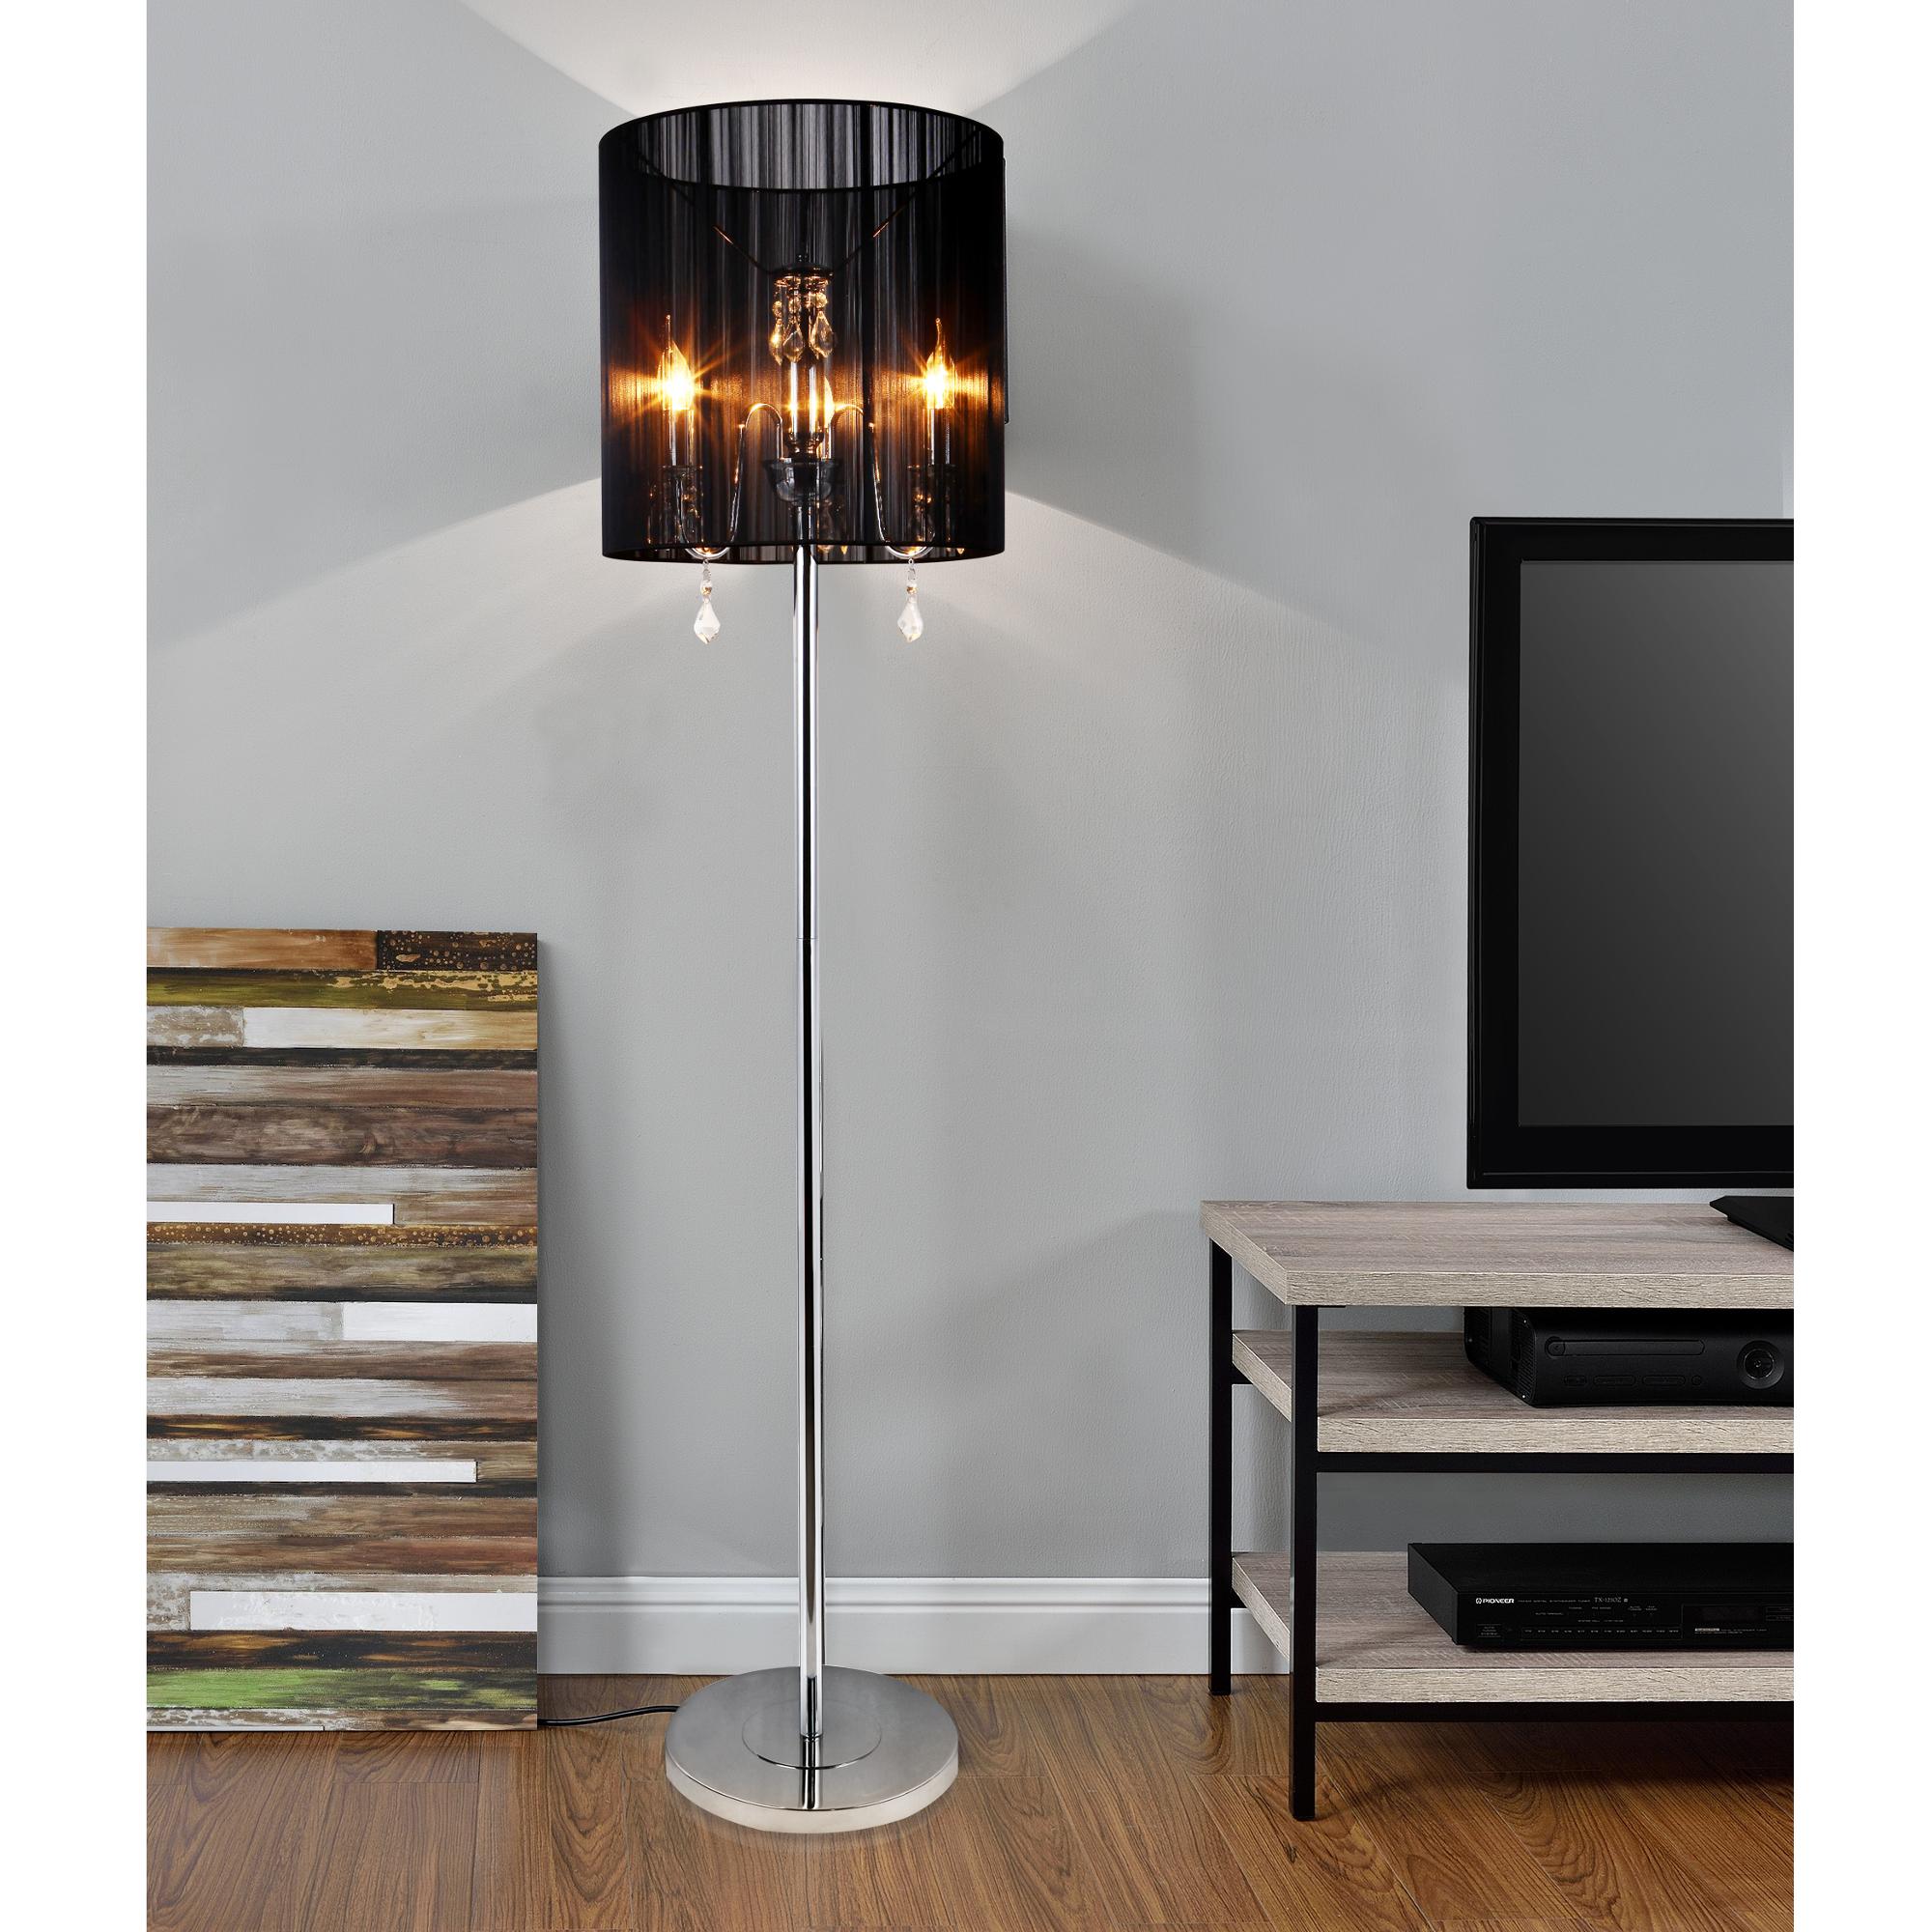 edel stehleuchte stehlampe lampe wohnzimmerlampe leuchte standleuchte kristall ebay. Black Bedroom Furniture Sets. Home Design Ideas